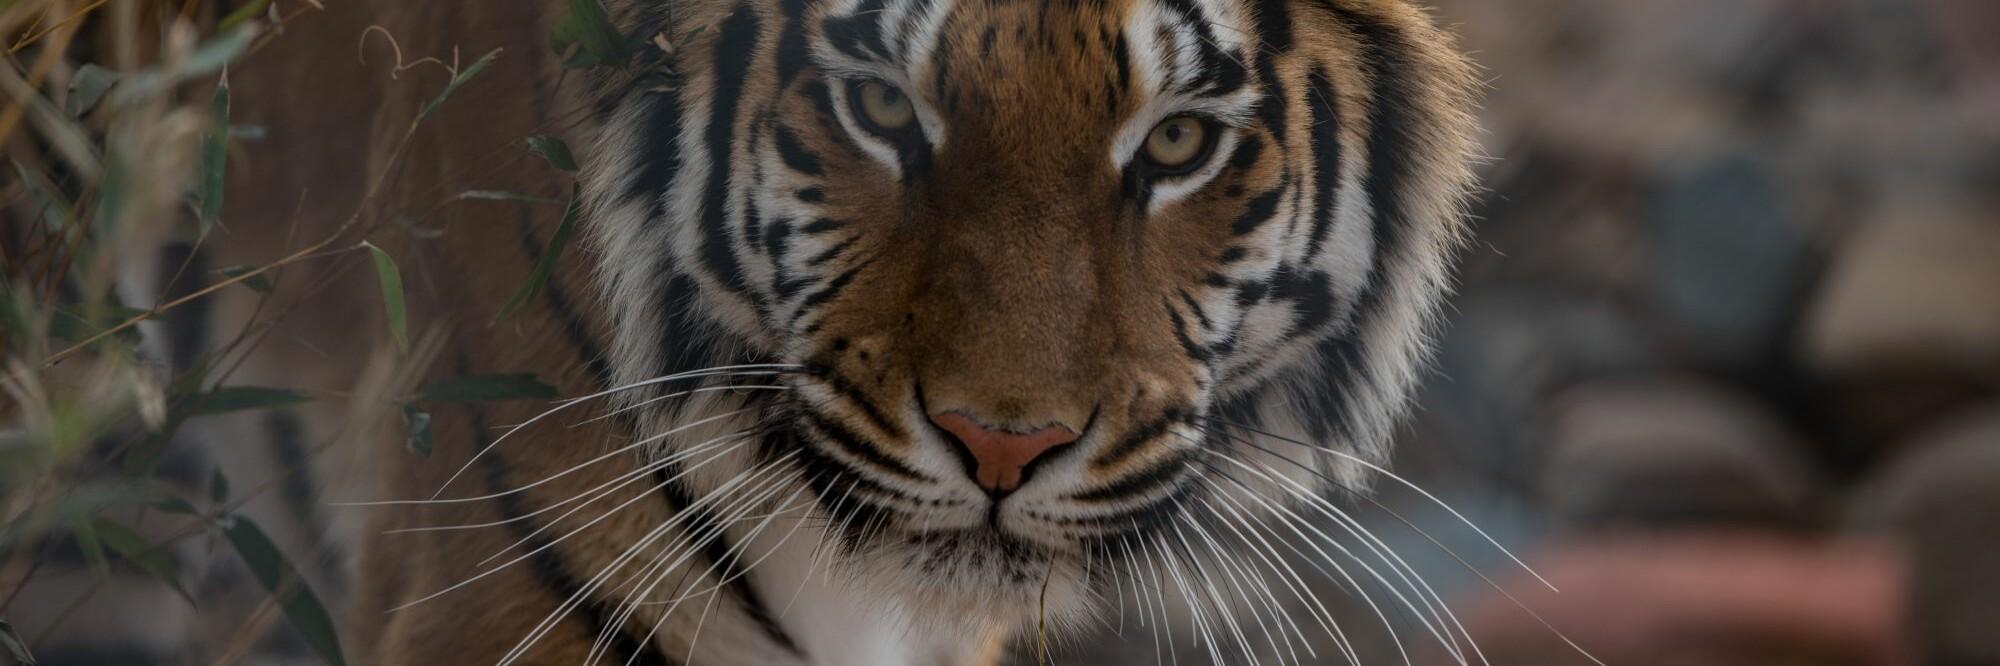 Tiger Cara